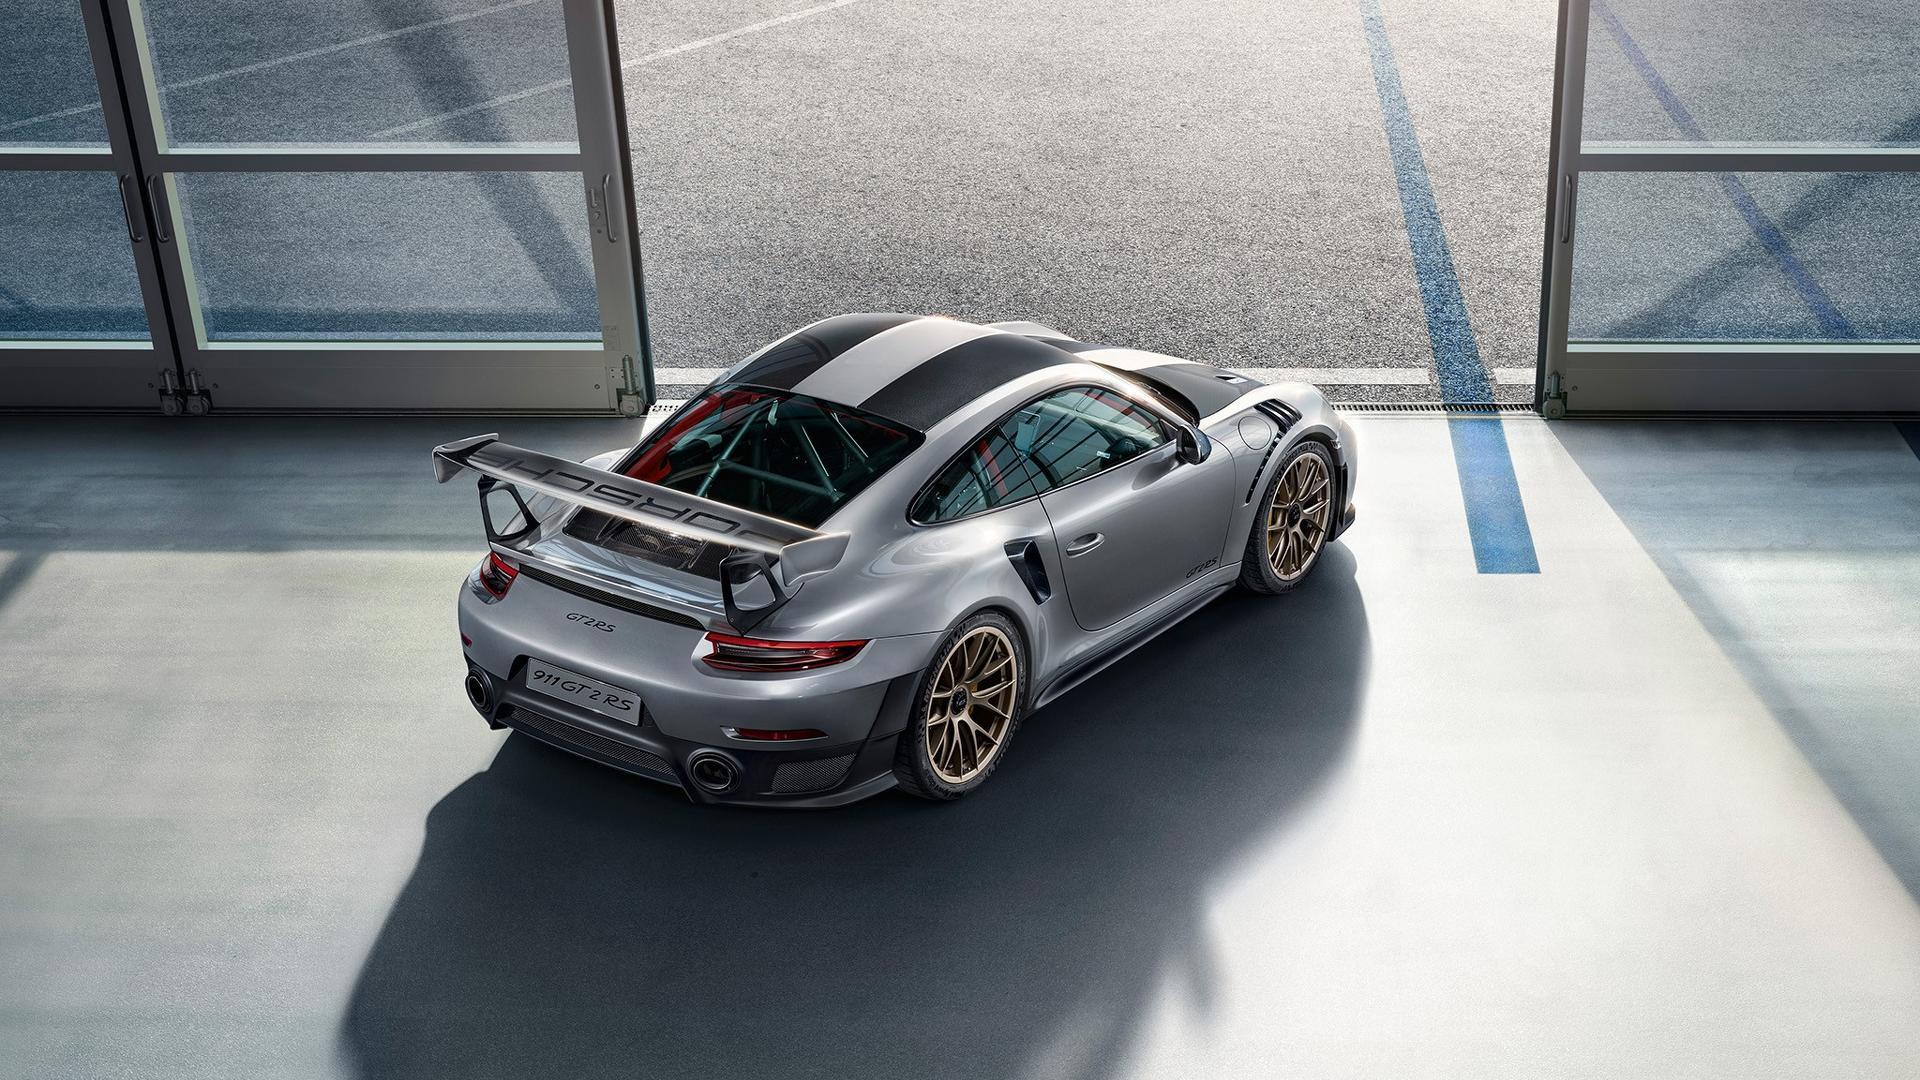 2018-porsche-911-gt2-rs Interesting Porsche 911 Gt2 Rs Nurburgring Lap Cars Trend